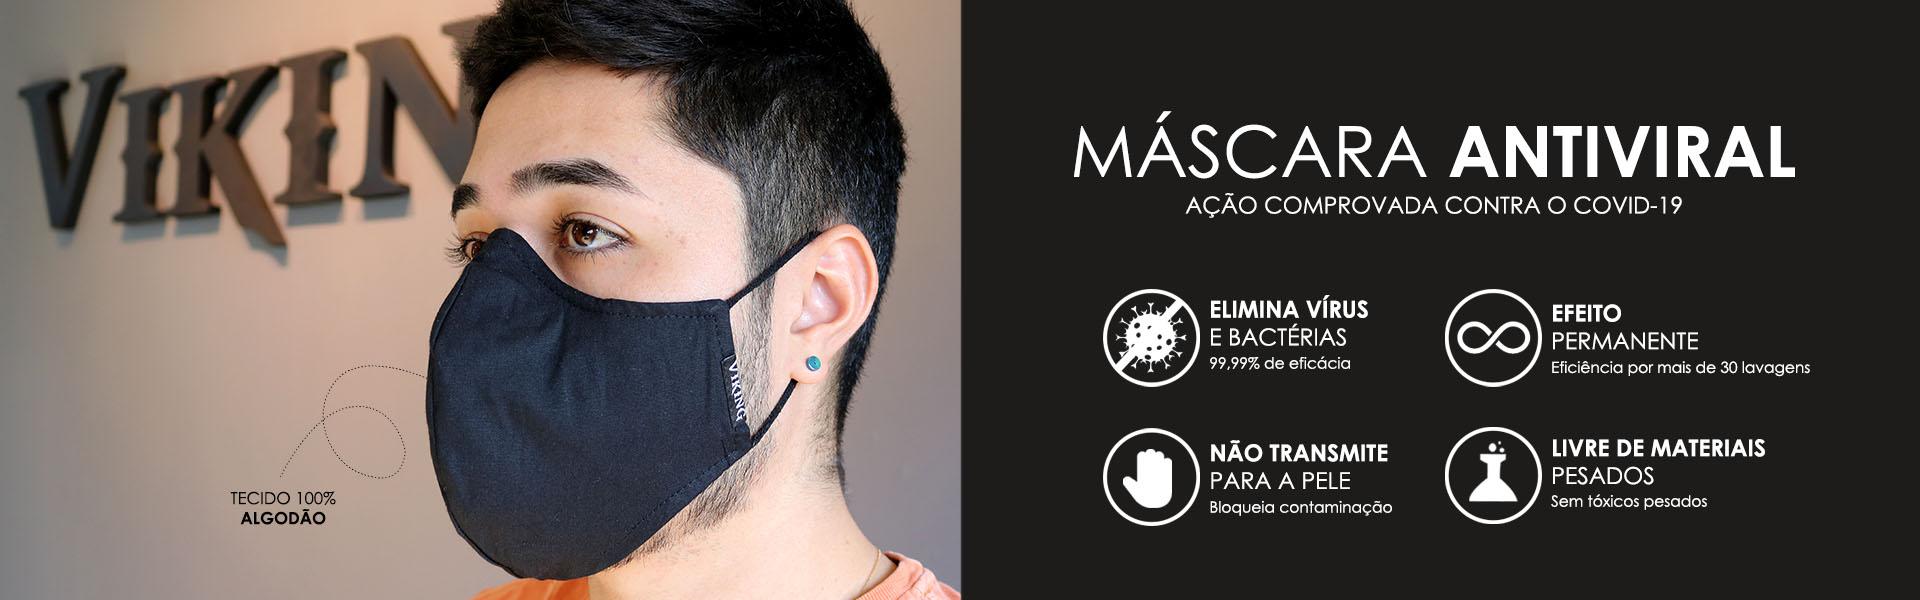 Máscaras de proteção antiviral